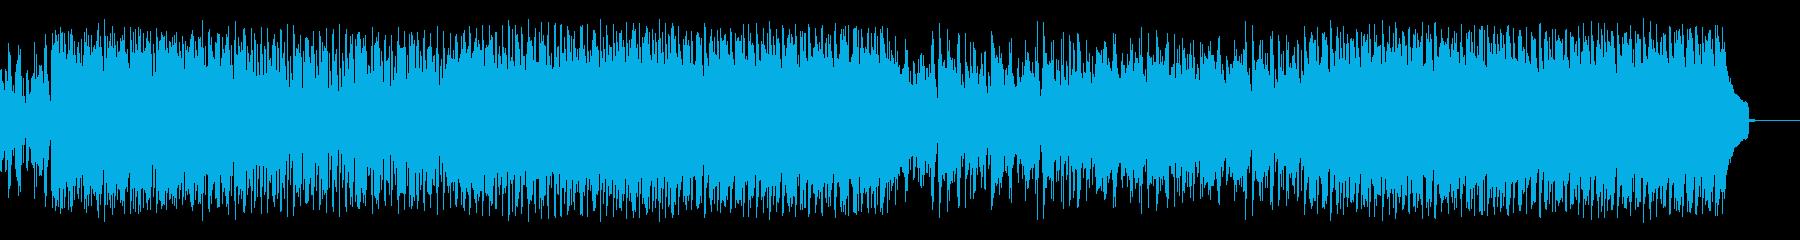 王道・津軽三味線ロックの再生済みの波形